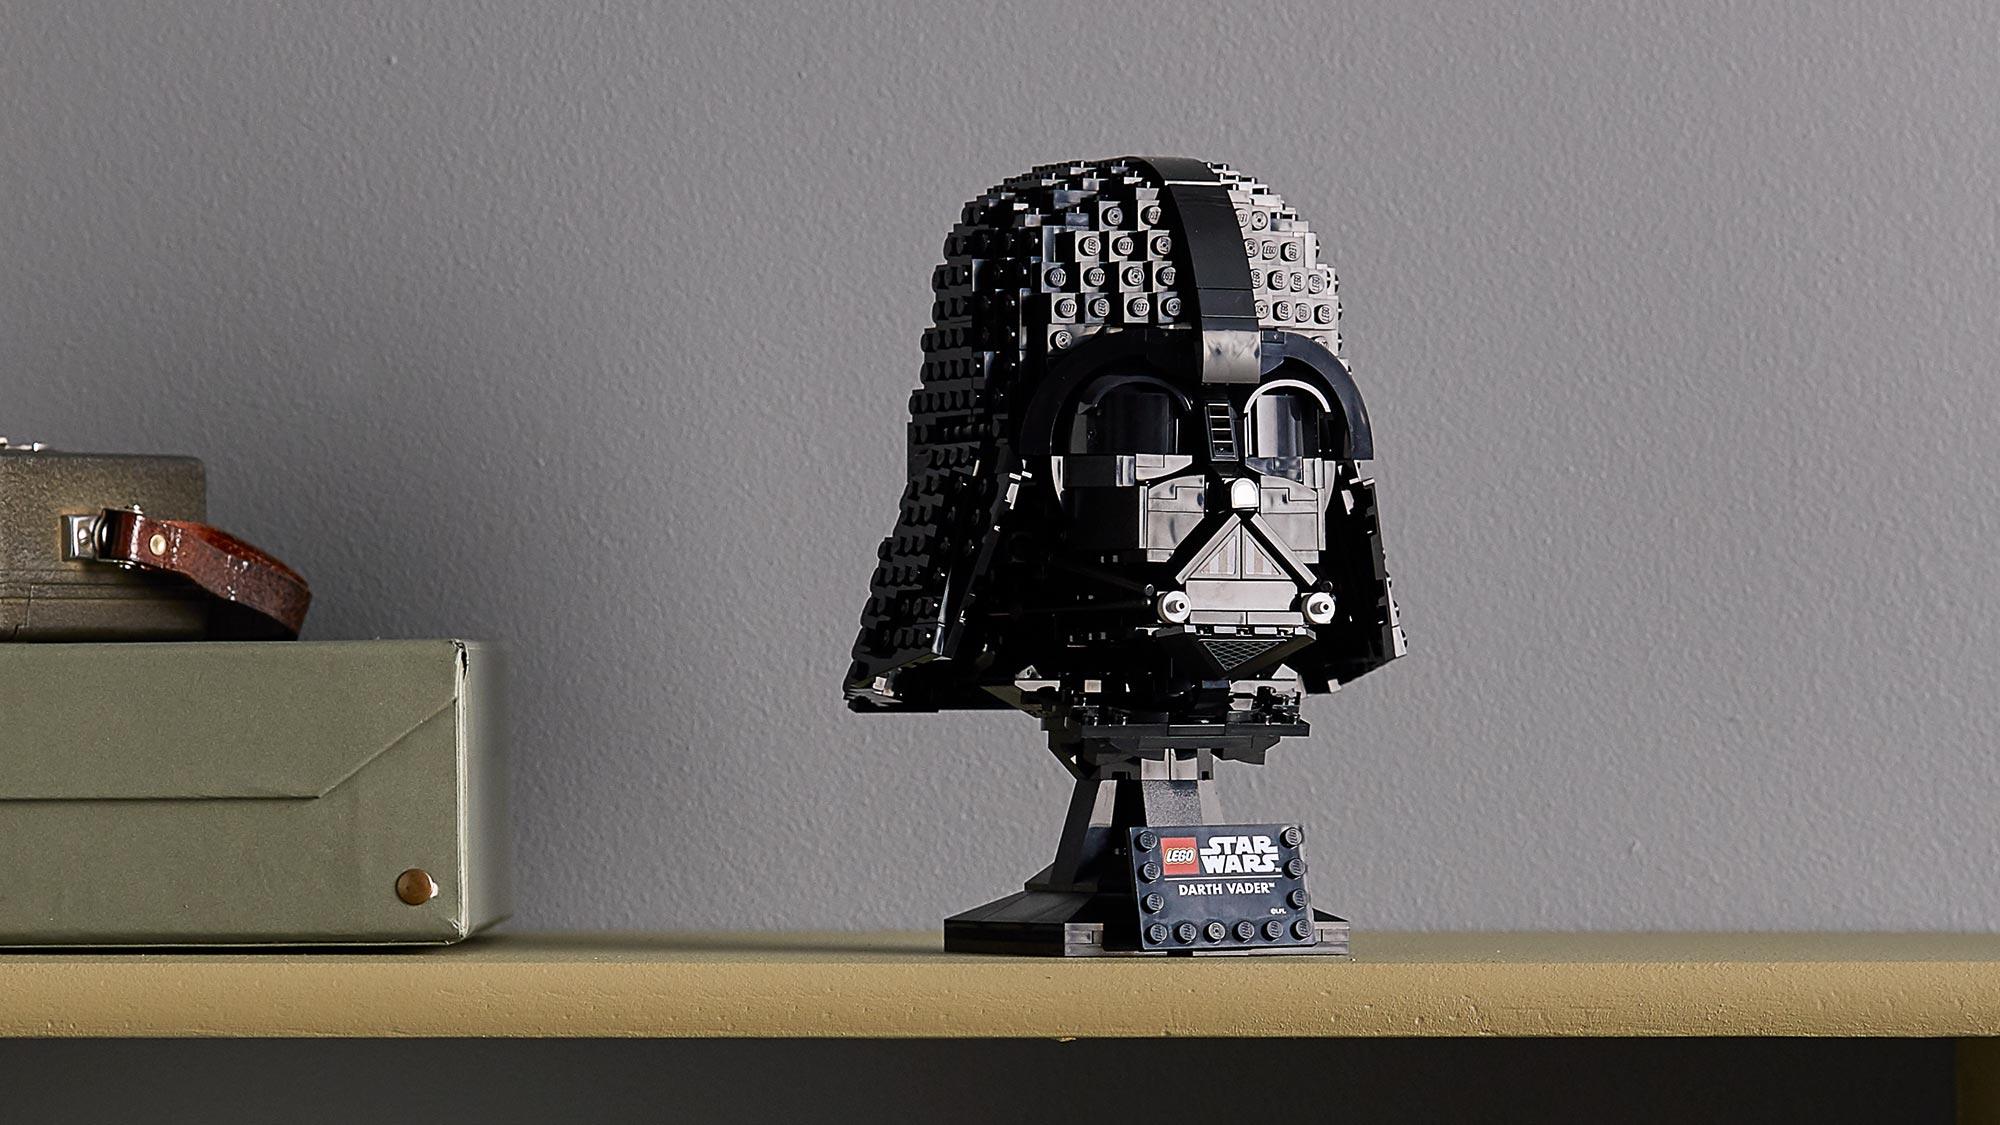 LEGO 75304 Star Wars Darth Vader Helmet